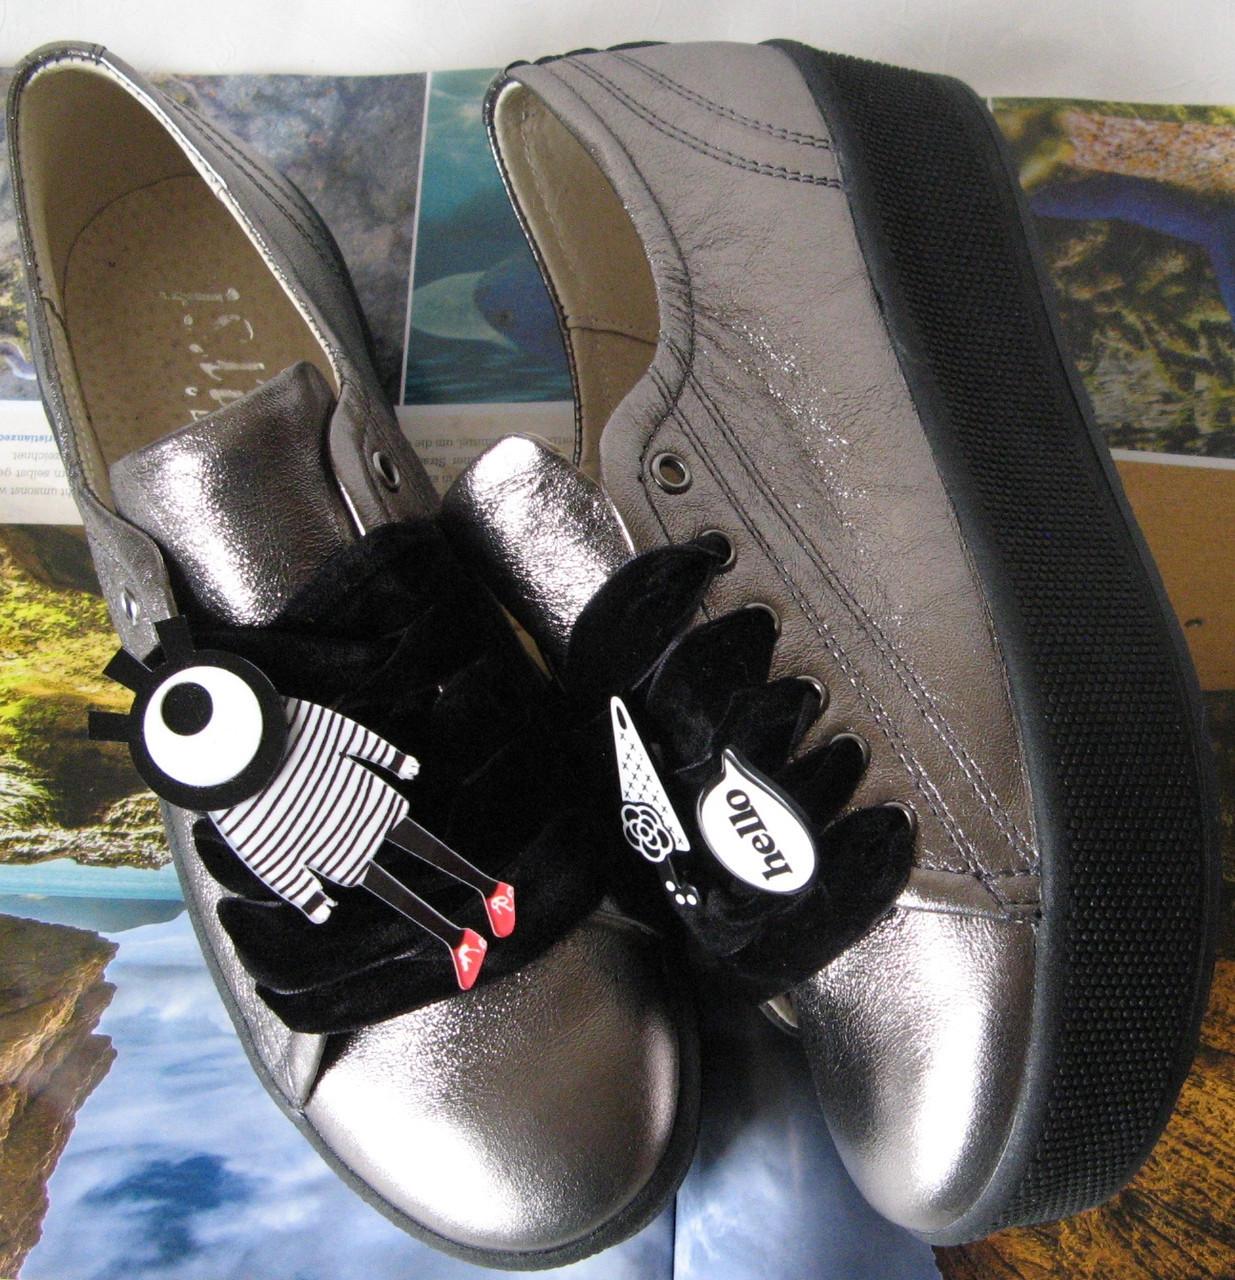 Жіночі демісезонні шкіряні кеди туфлі кросівки кольору сріблястий нікель  снікерси сліпони шкіра 02c569ebf7833